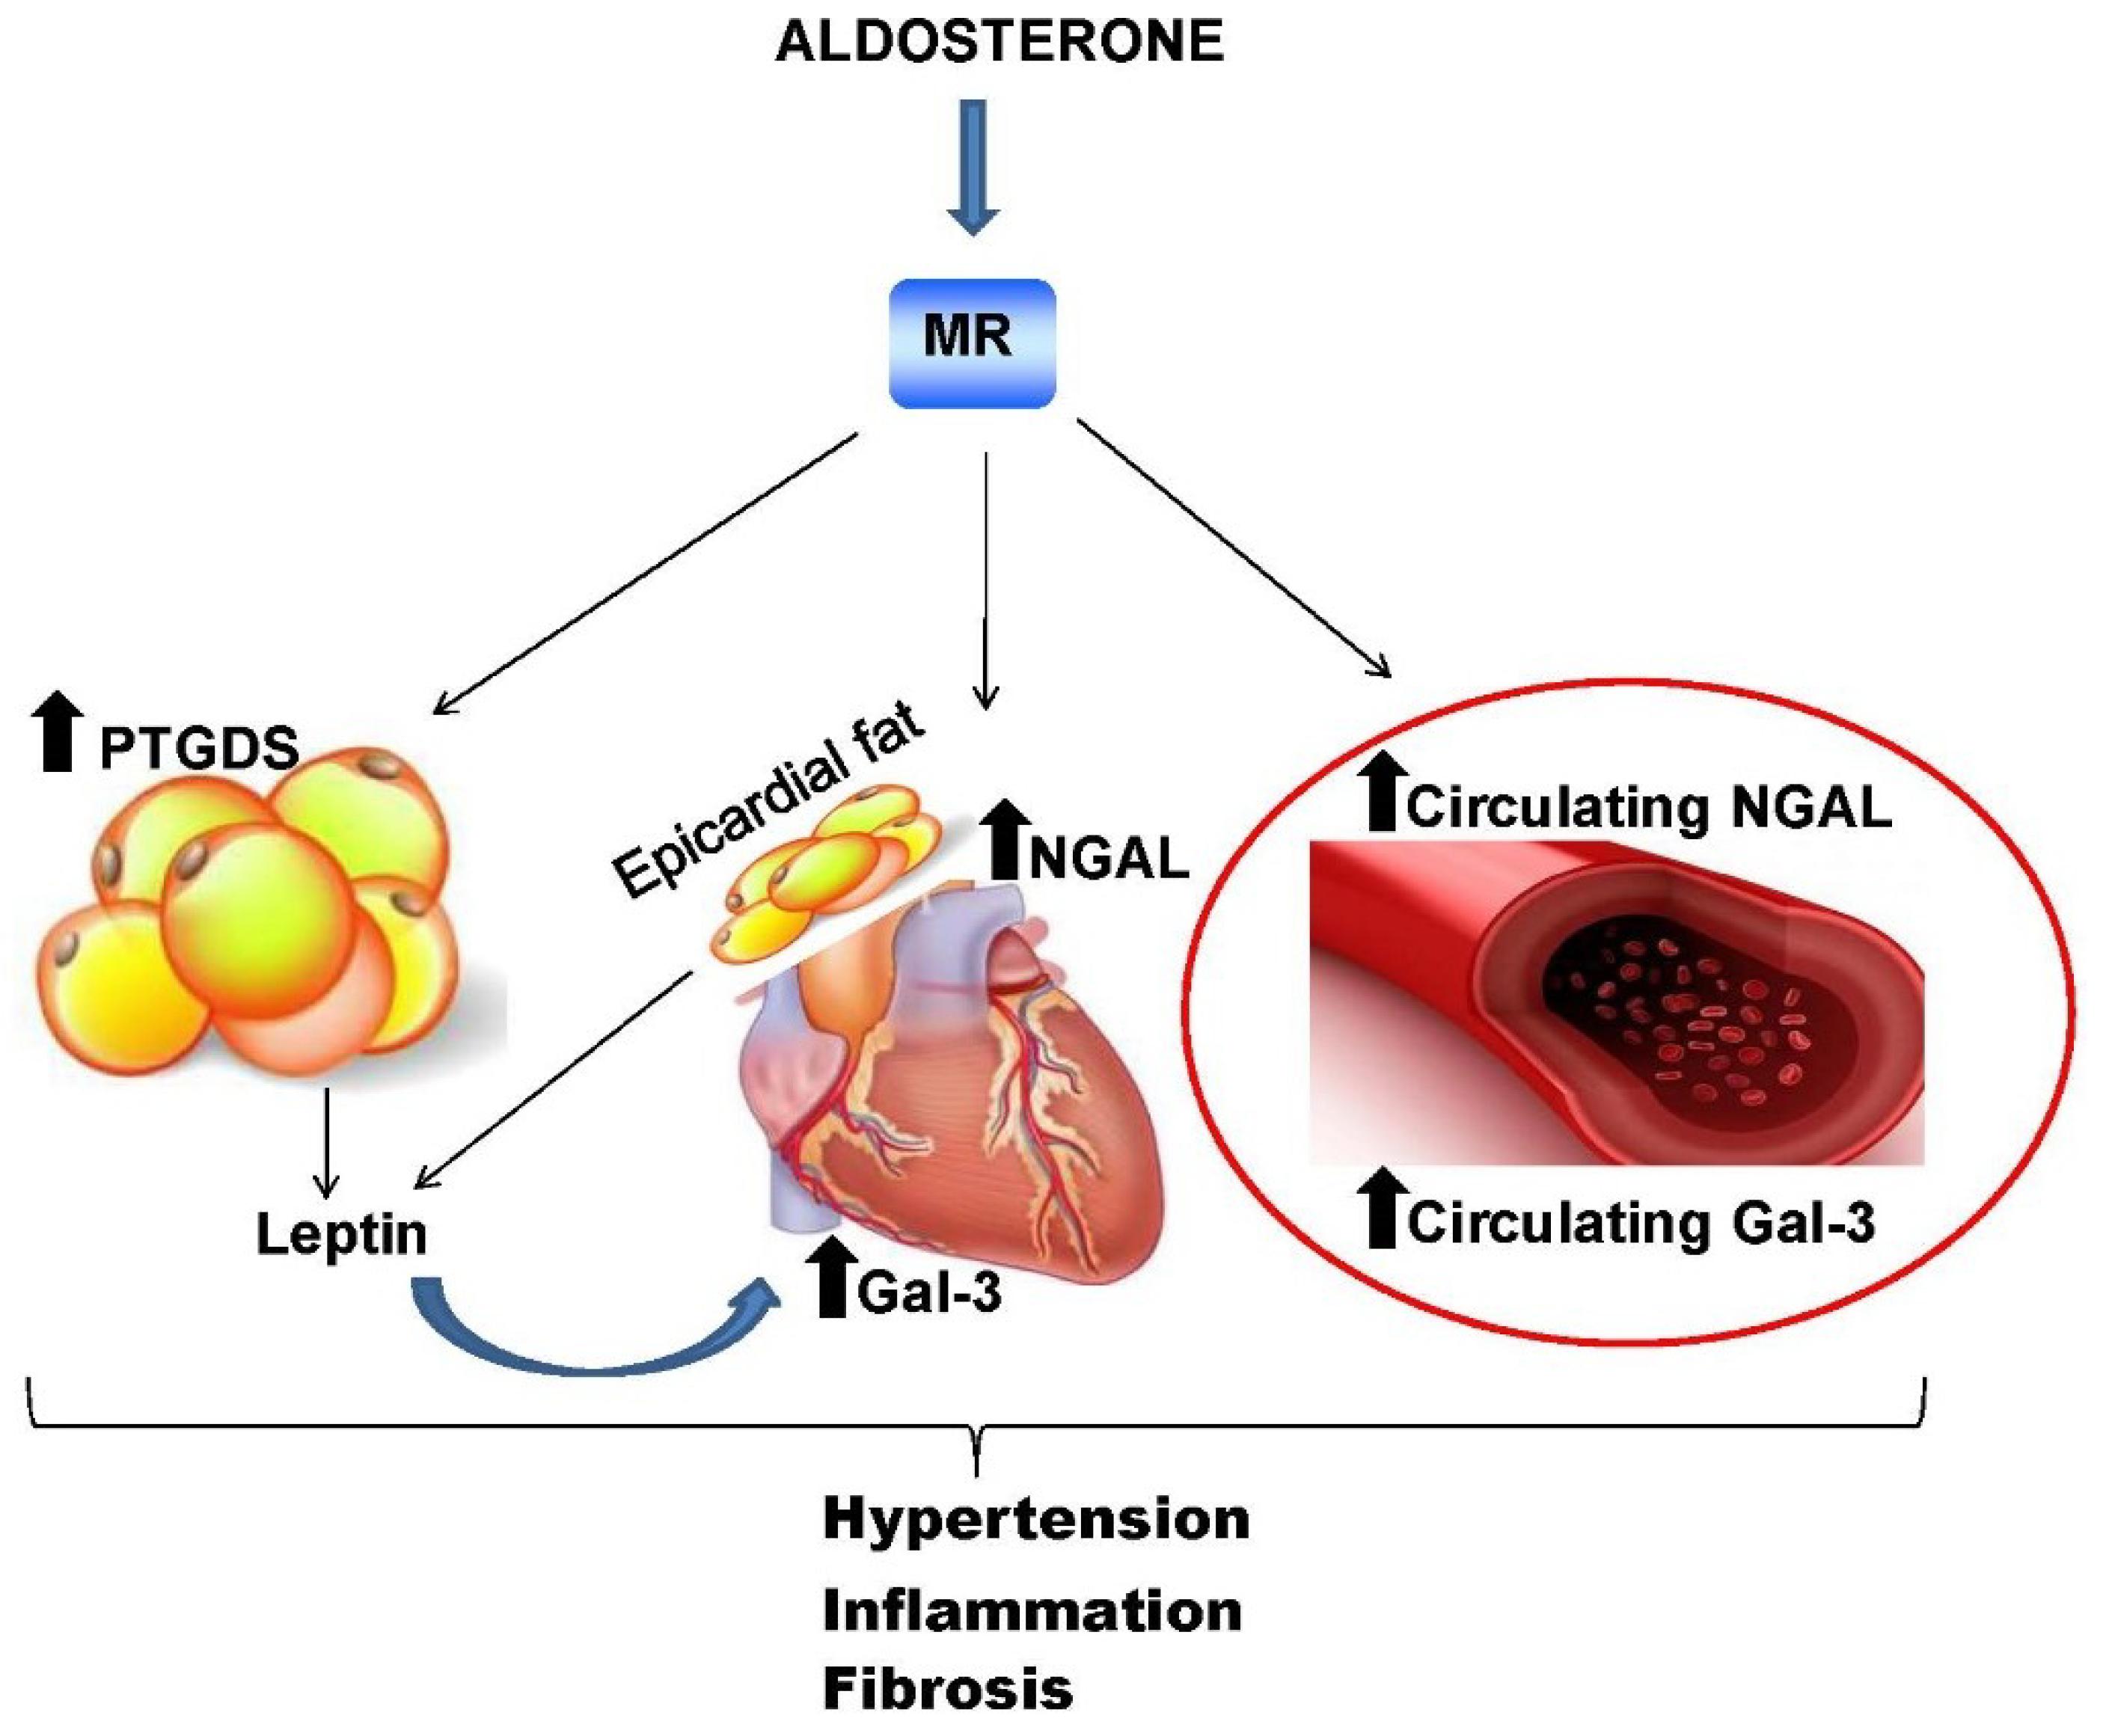 Негативные последствия роста уровня альдостерона